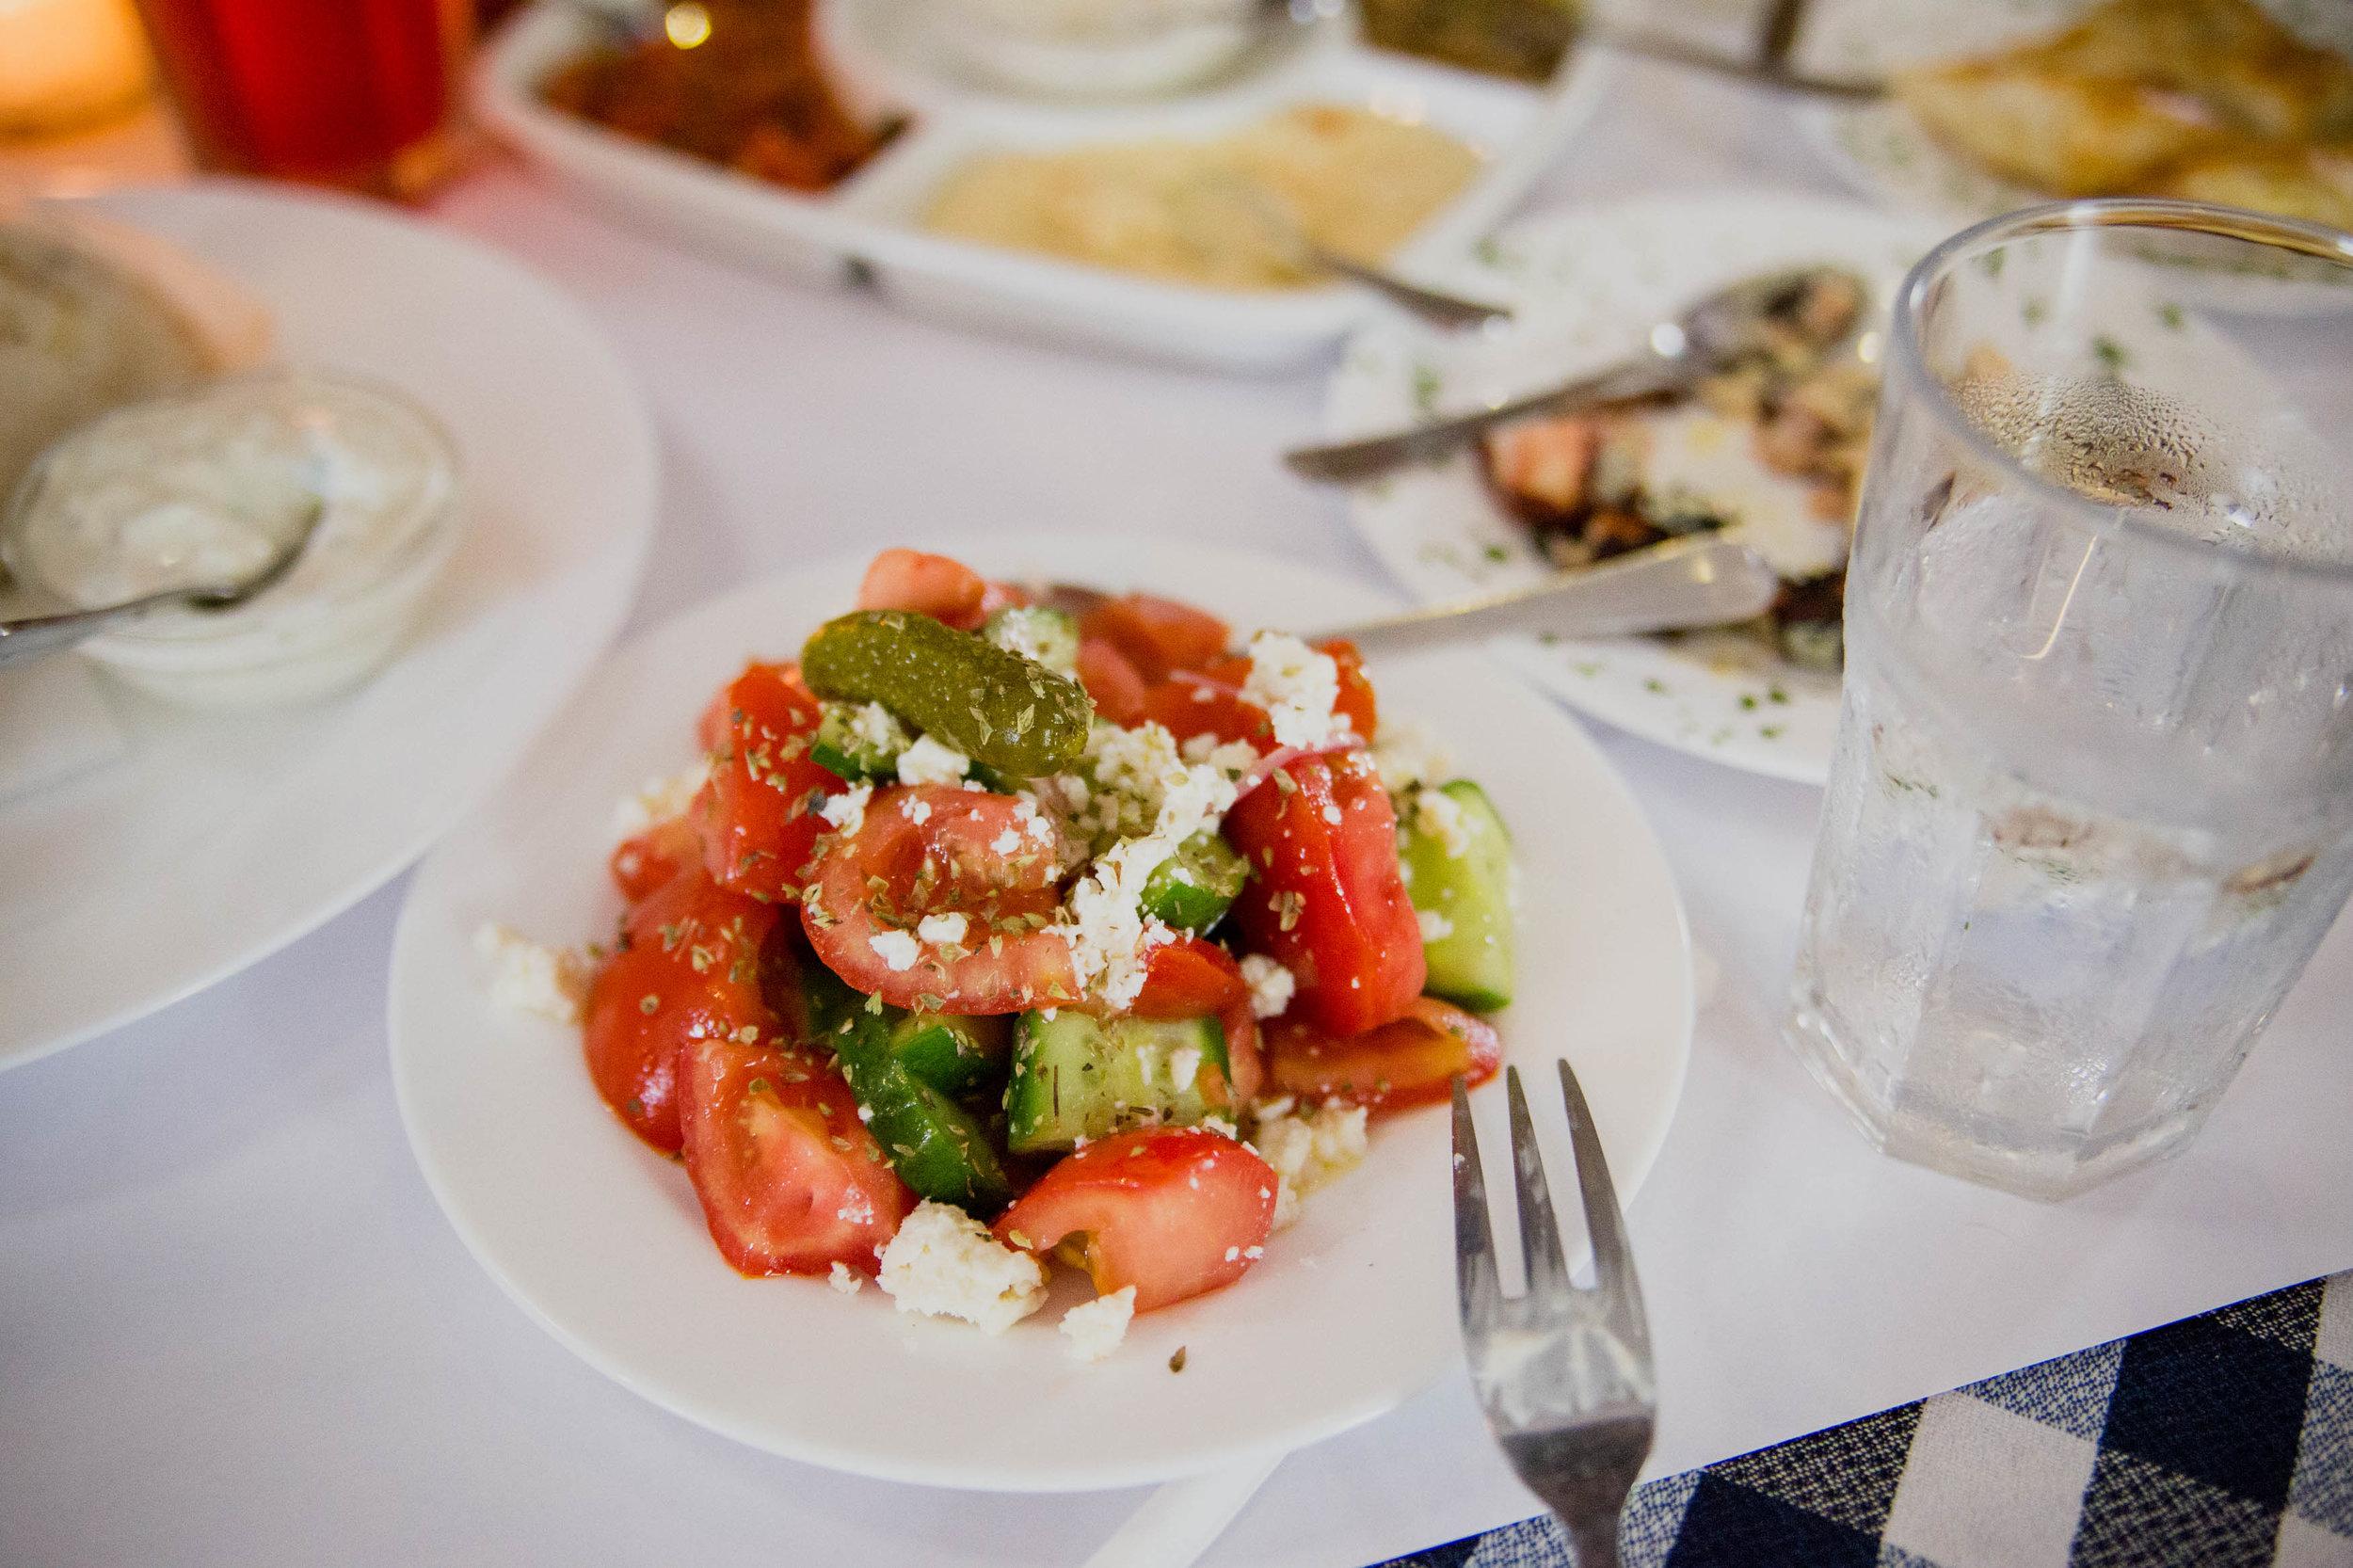 saladgreek